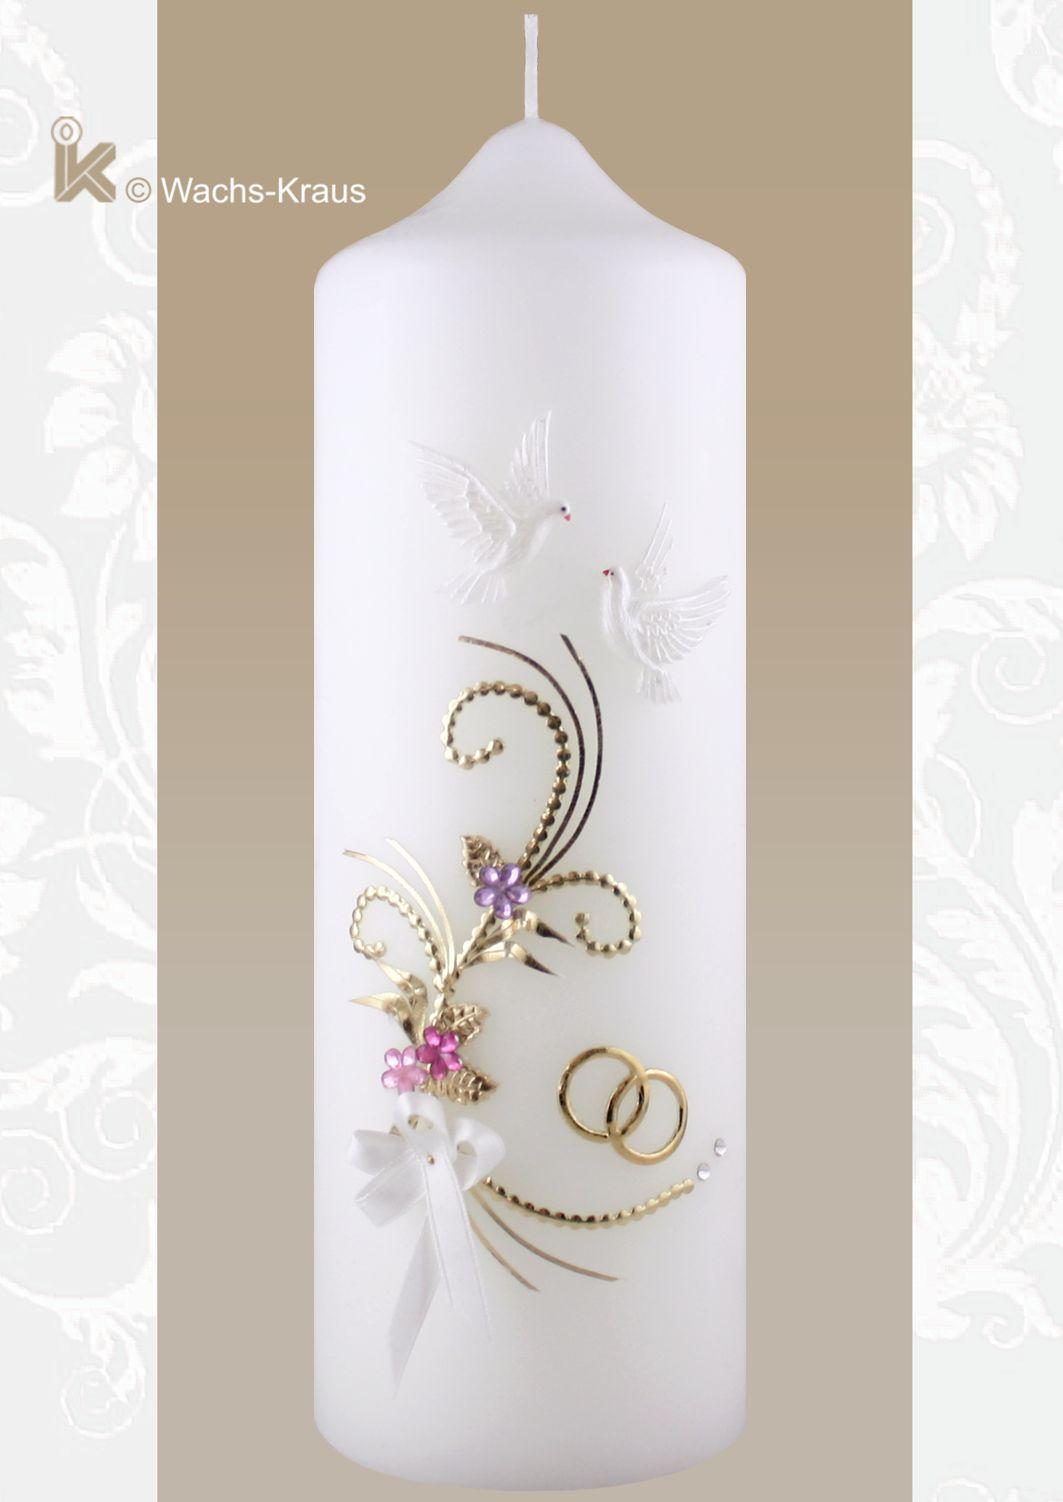 Hochzeitskerze Vintage Style. Oben ein paar Tauben, darunter eine reich verzierte Ranke mit drei Blüten, Strasssteinen und goldenen Ringen.